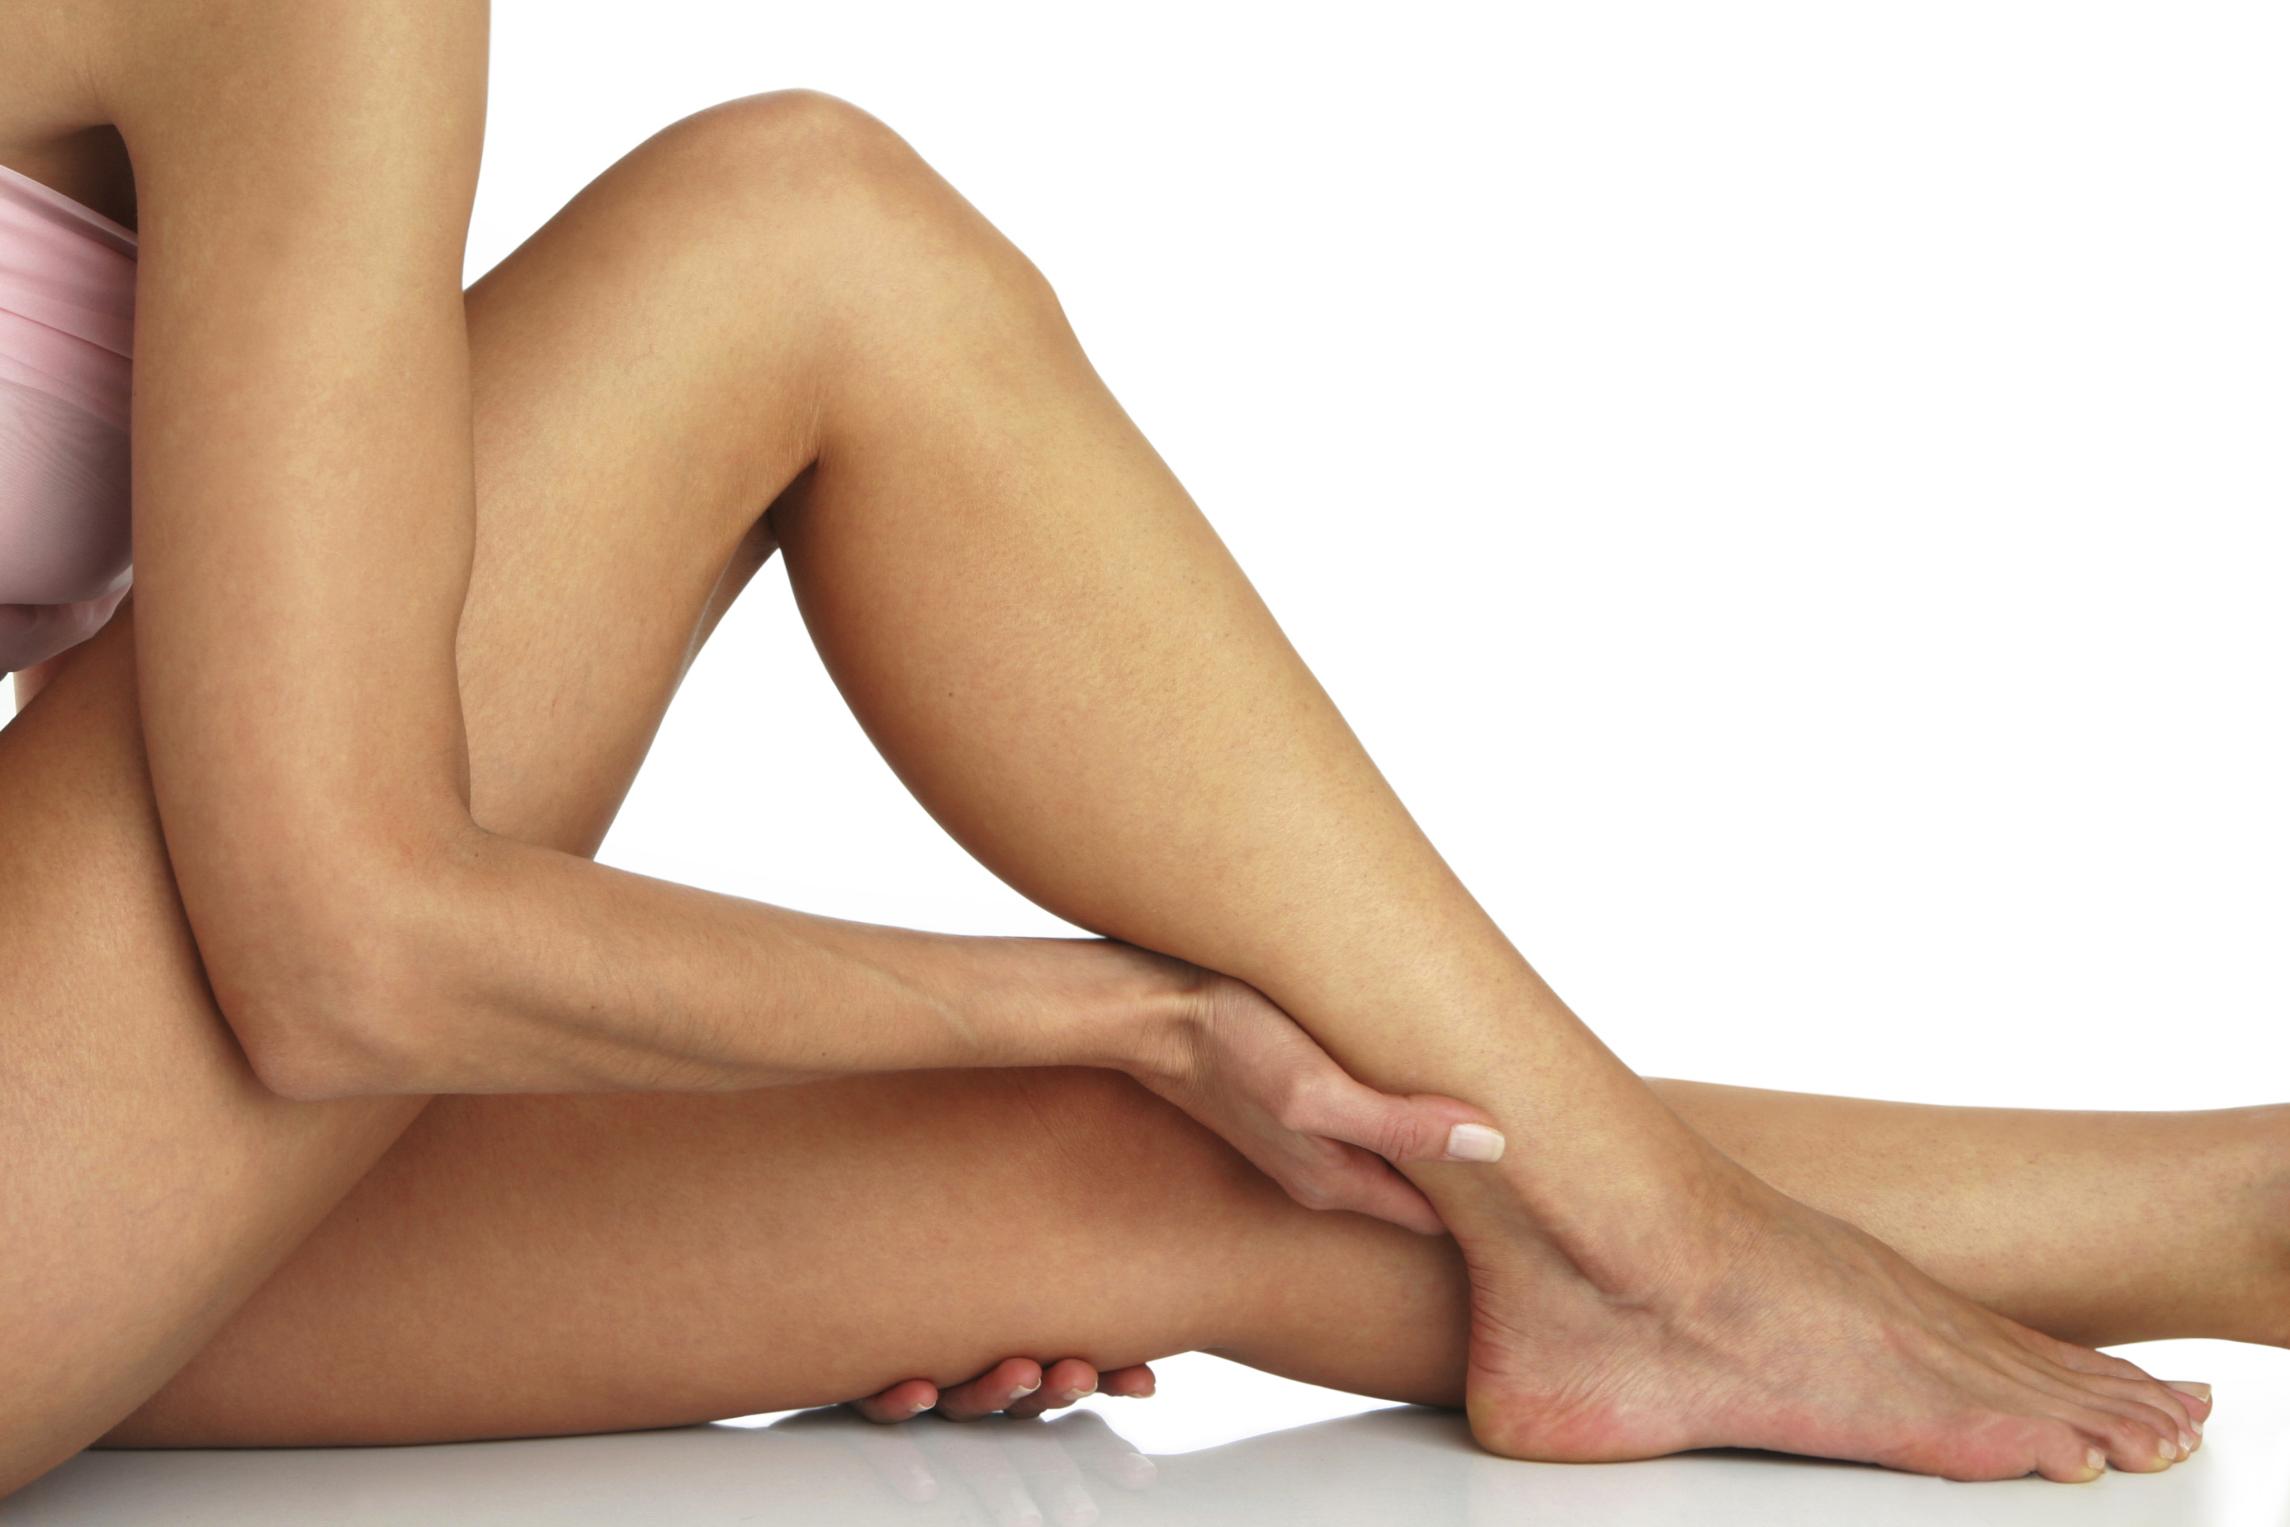 visszér lézeres kezelés hatások fotó visszér a lábak működését és következményeit